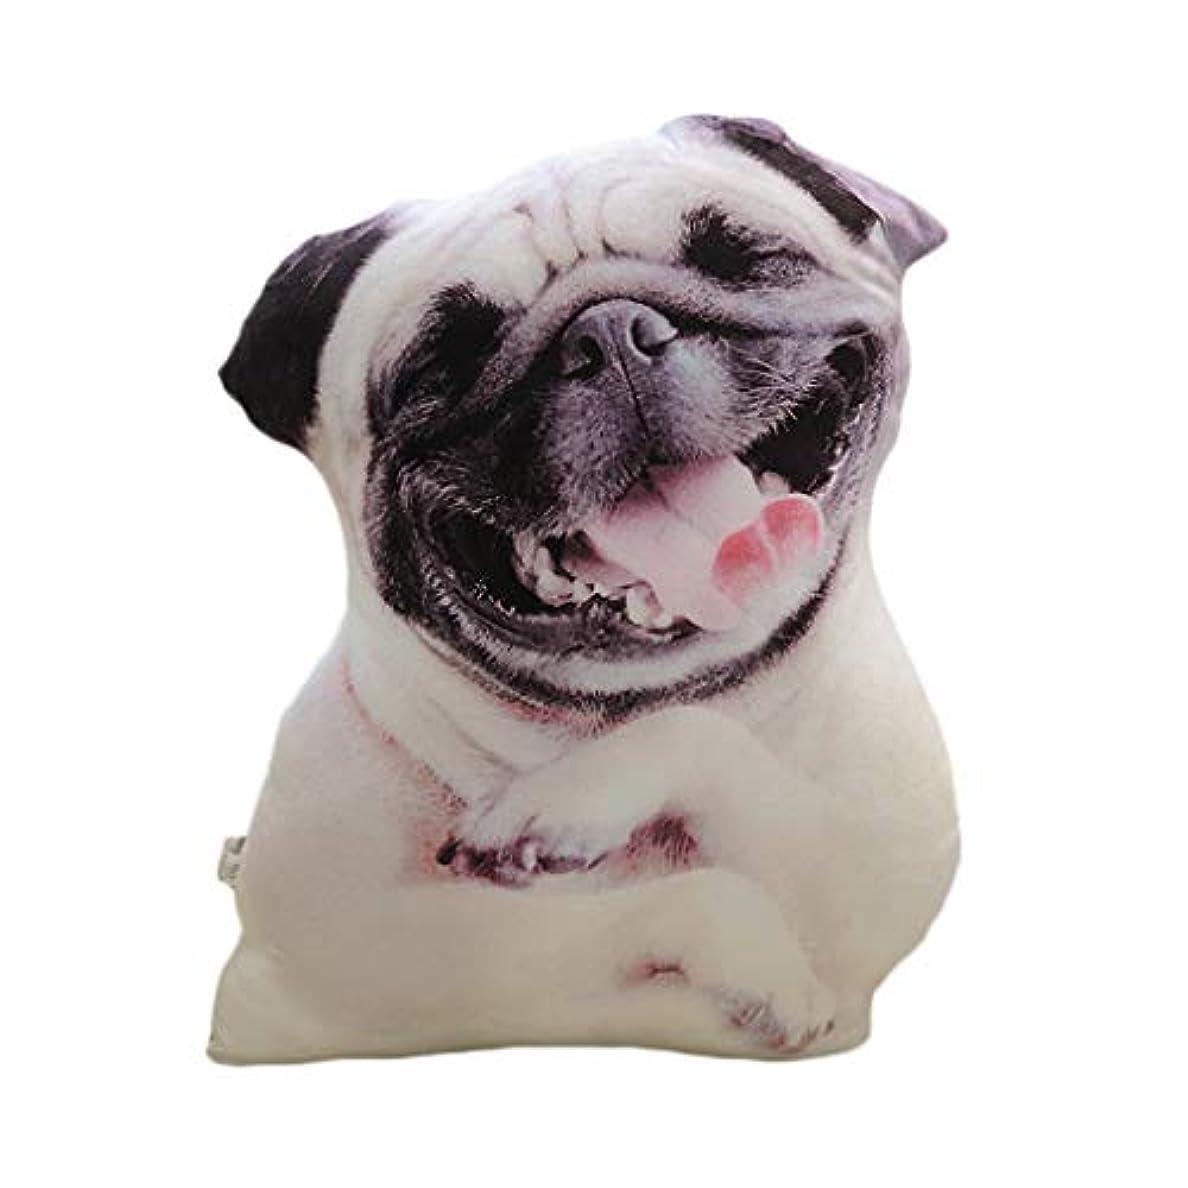 辞書確認する地上でLIFE 装飾クッションソファおかしい 3D 犬印刷スロー枕創造クッションかわいいぬいぐるみギフト家の装飾 coussin decoratif クッション 椅子